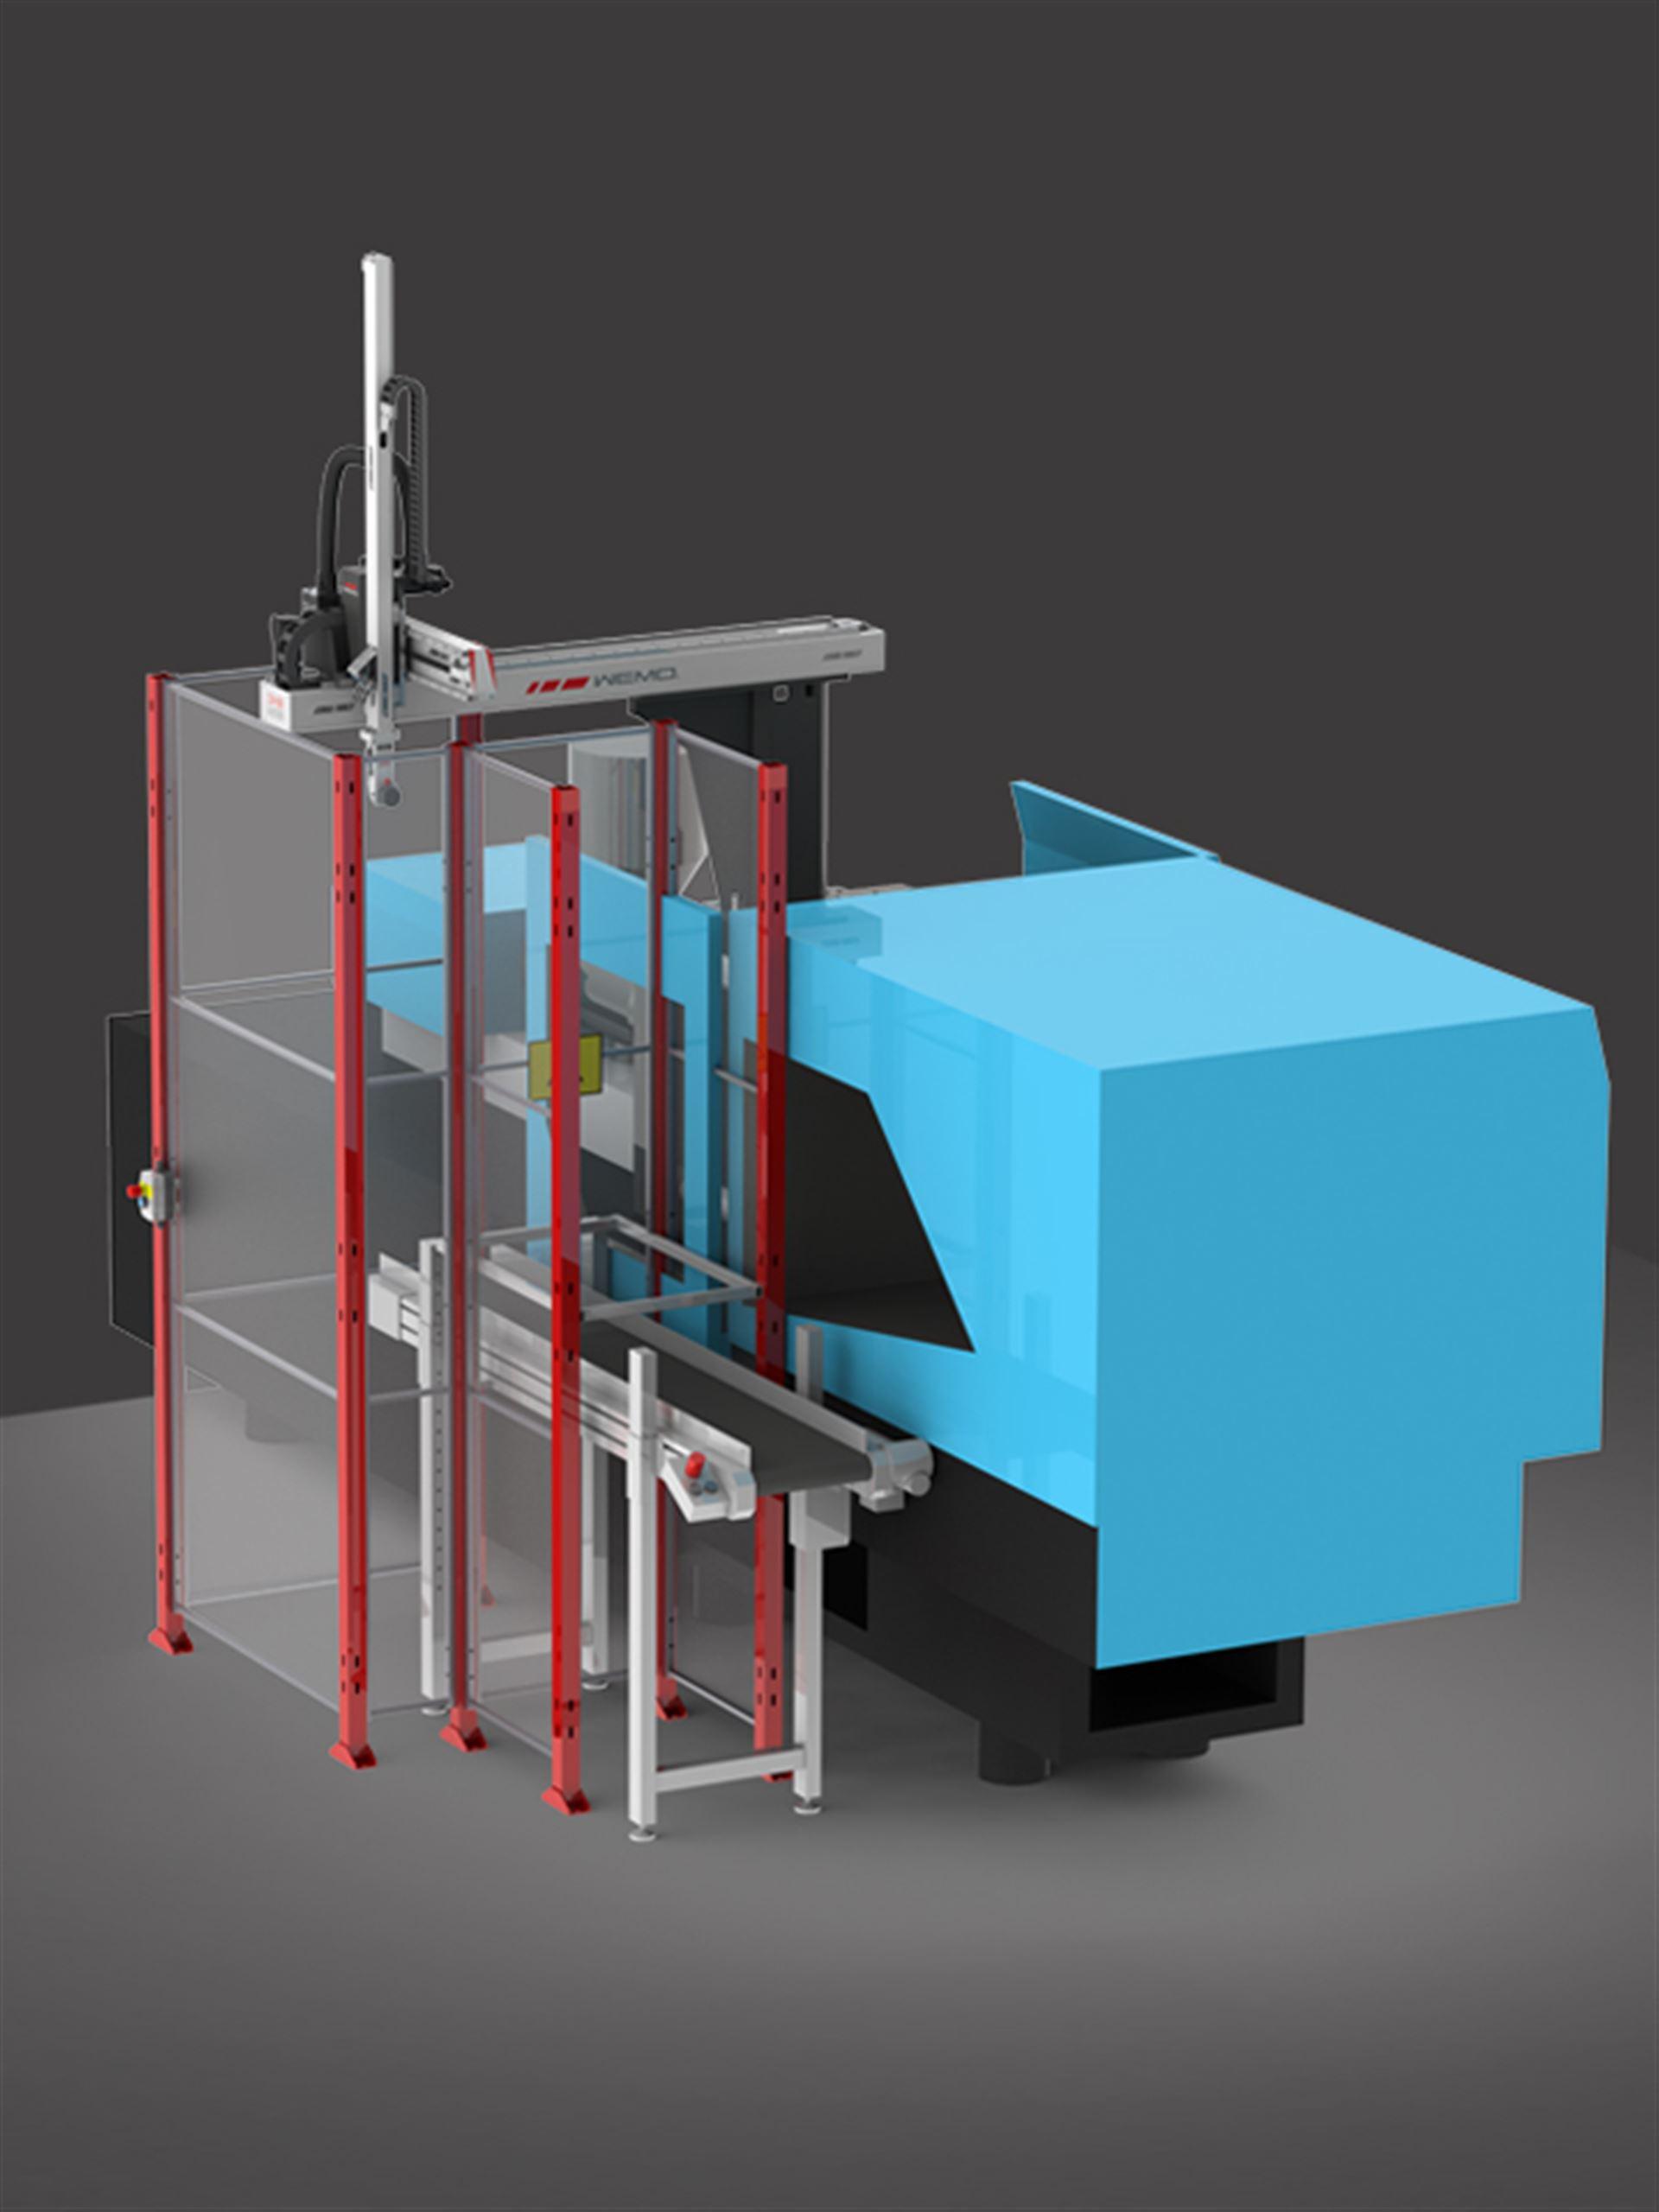 3-5 Linear Picker für die Kleinteilentnahme konventionell auf der SGM